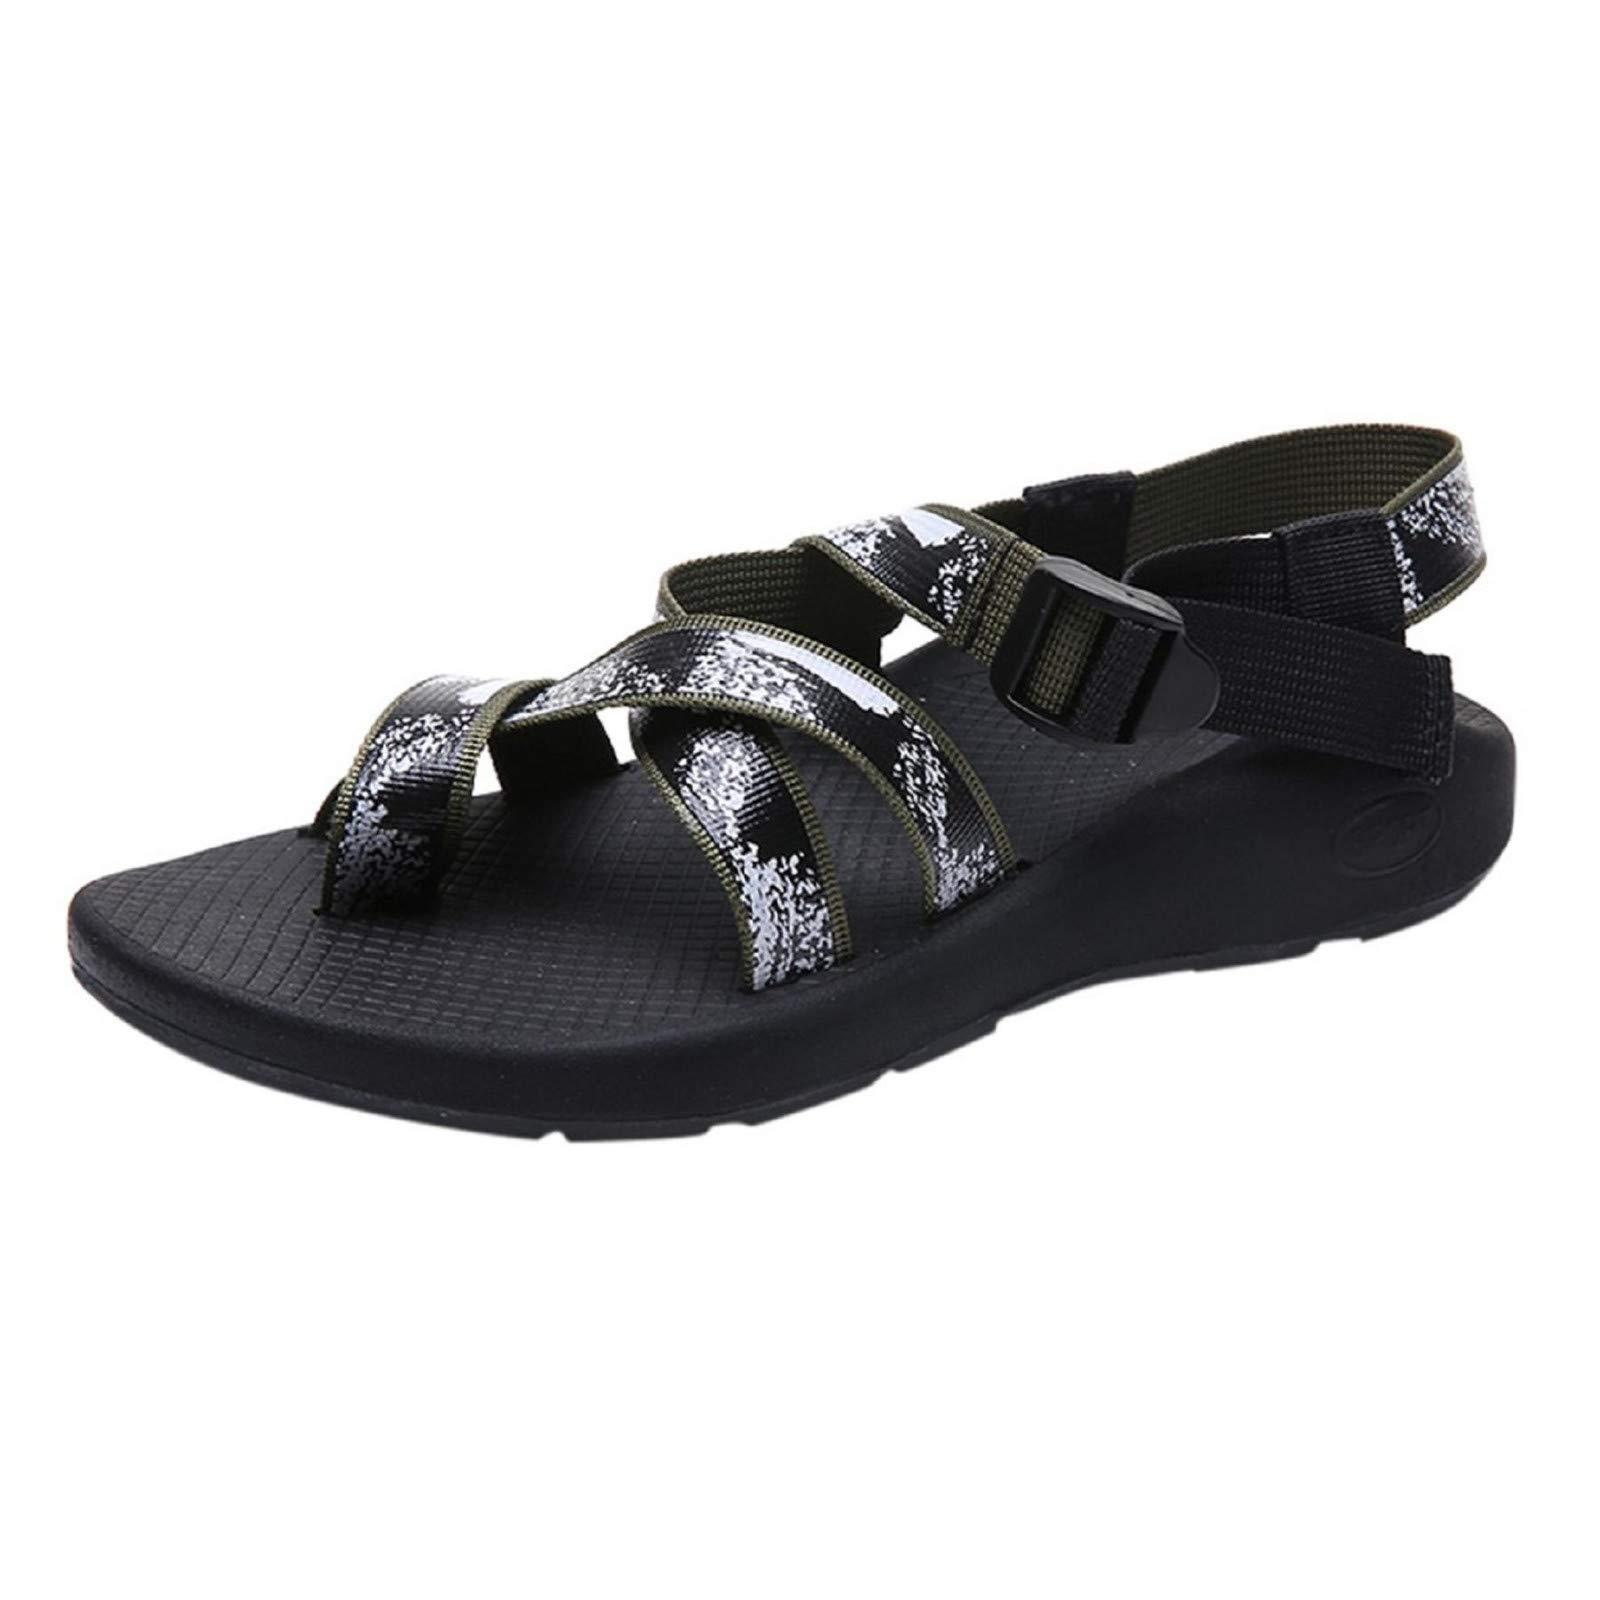 WQS001 Women's Casual Gladiator Sandals, Buckle Closure Flat Open Toe Sandals, 2019 Summer Beach Crisscross Thong Sandals Green